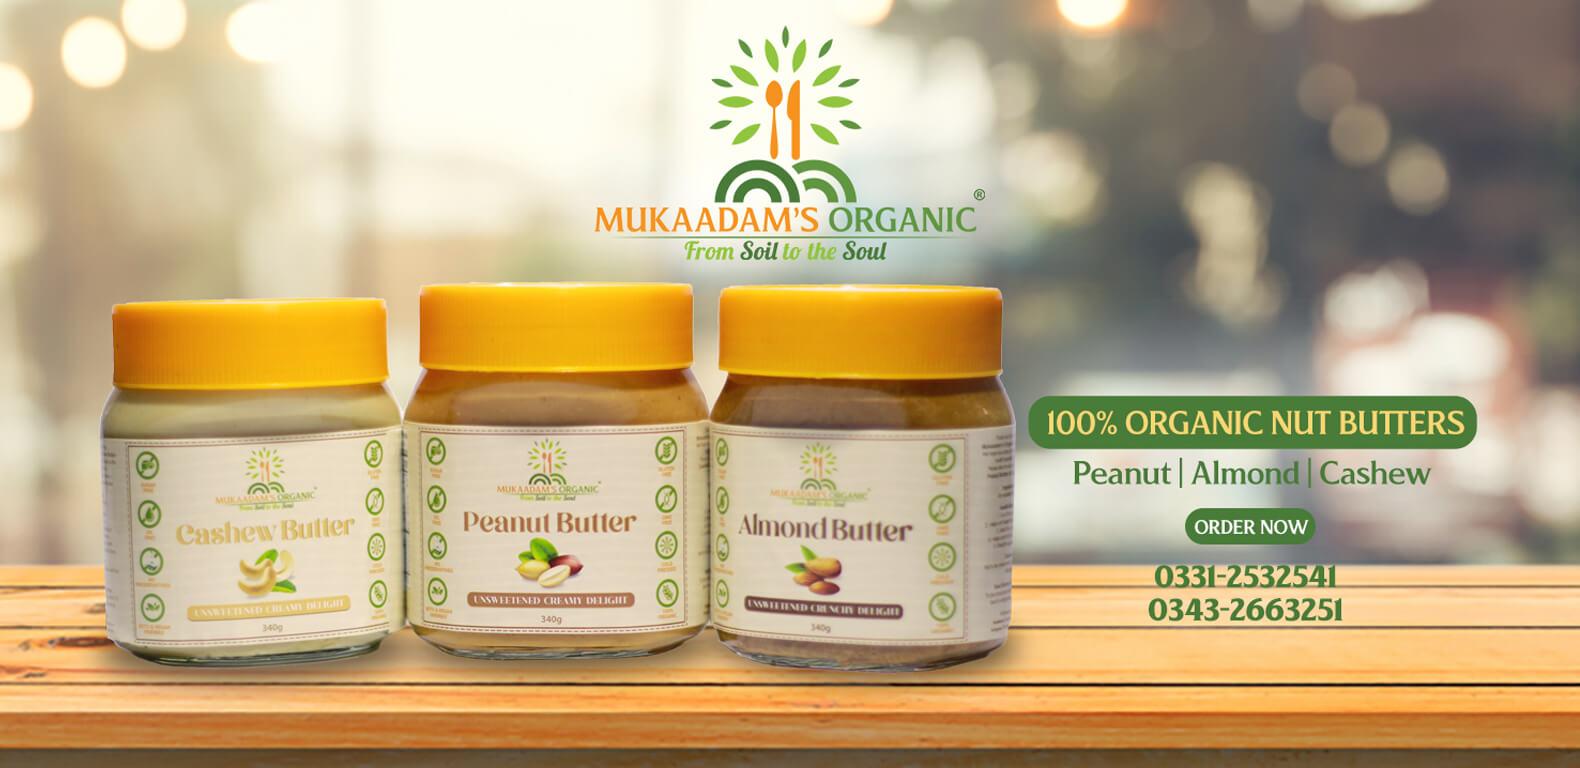 Packaging-design-mukaadams-organic-nut-butters